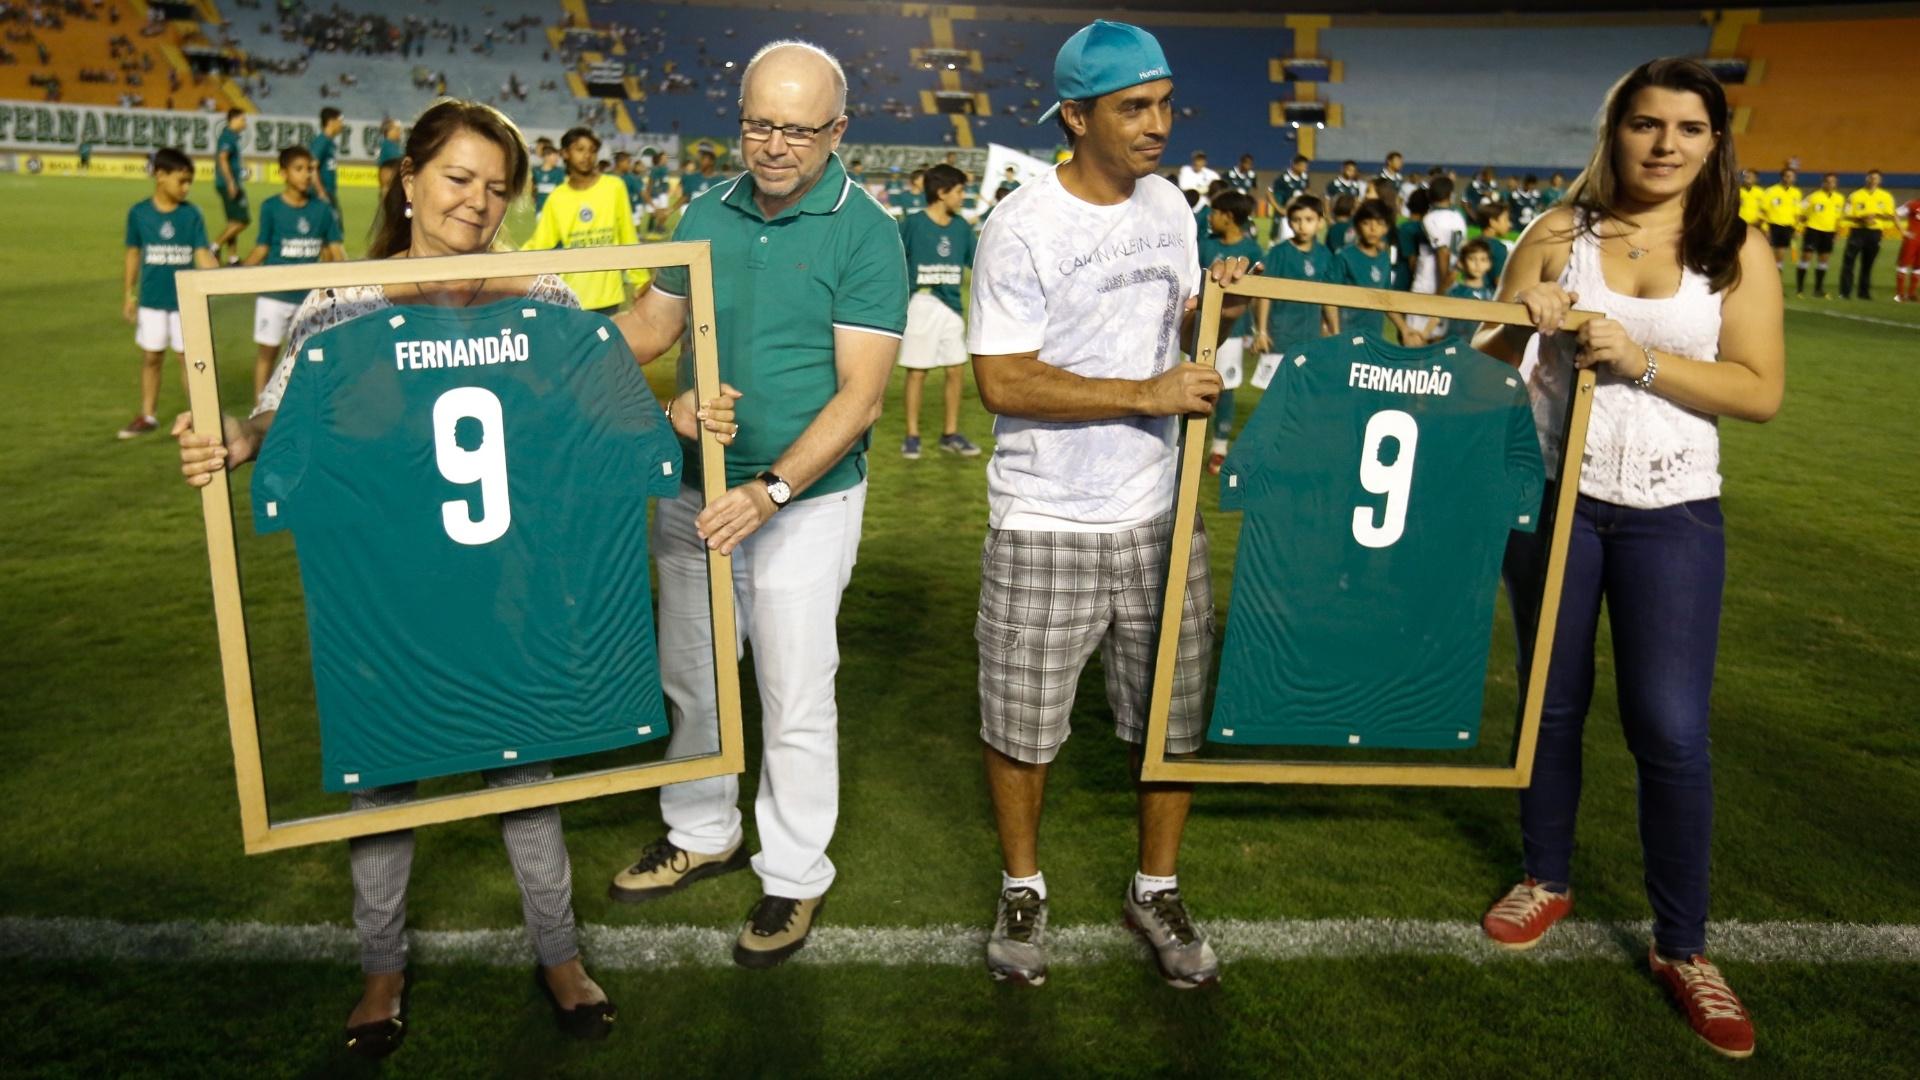 Diretoria do Goiás presta homenagem a Fernandão antes do jogo contra o Inter